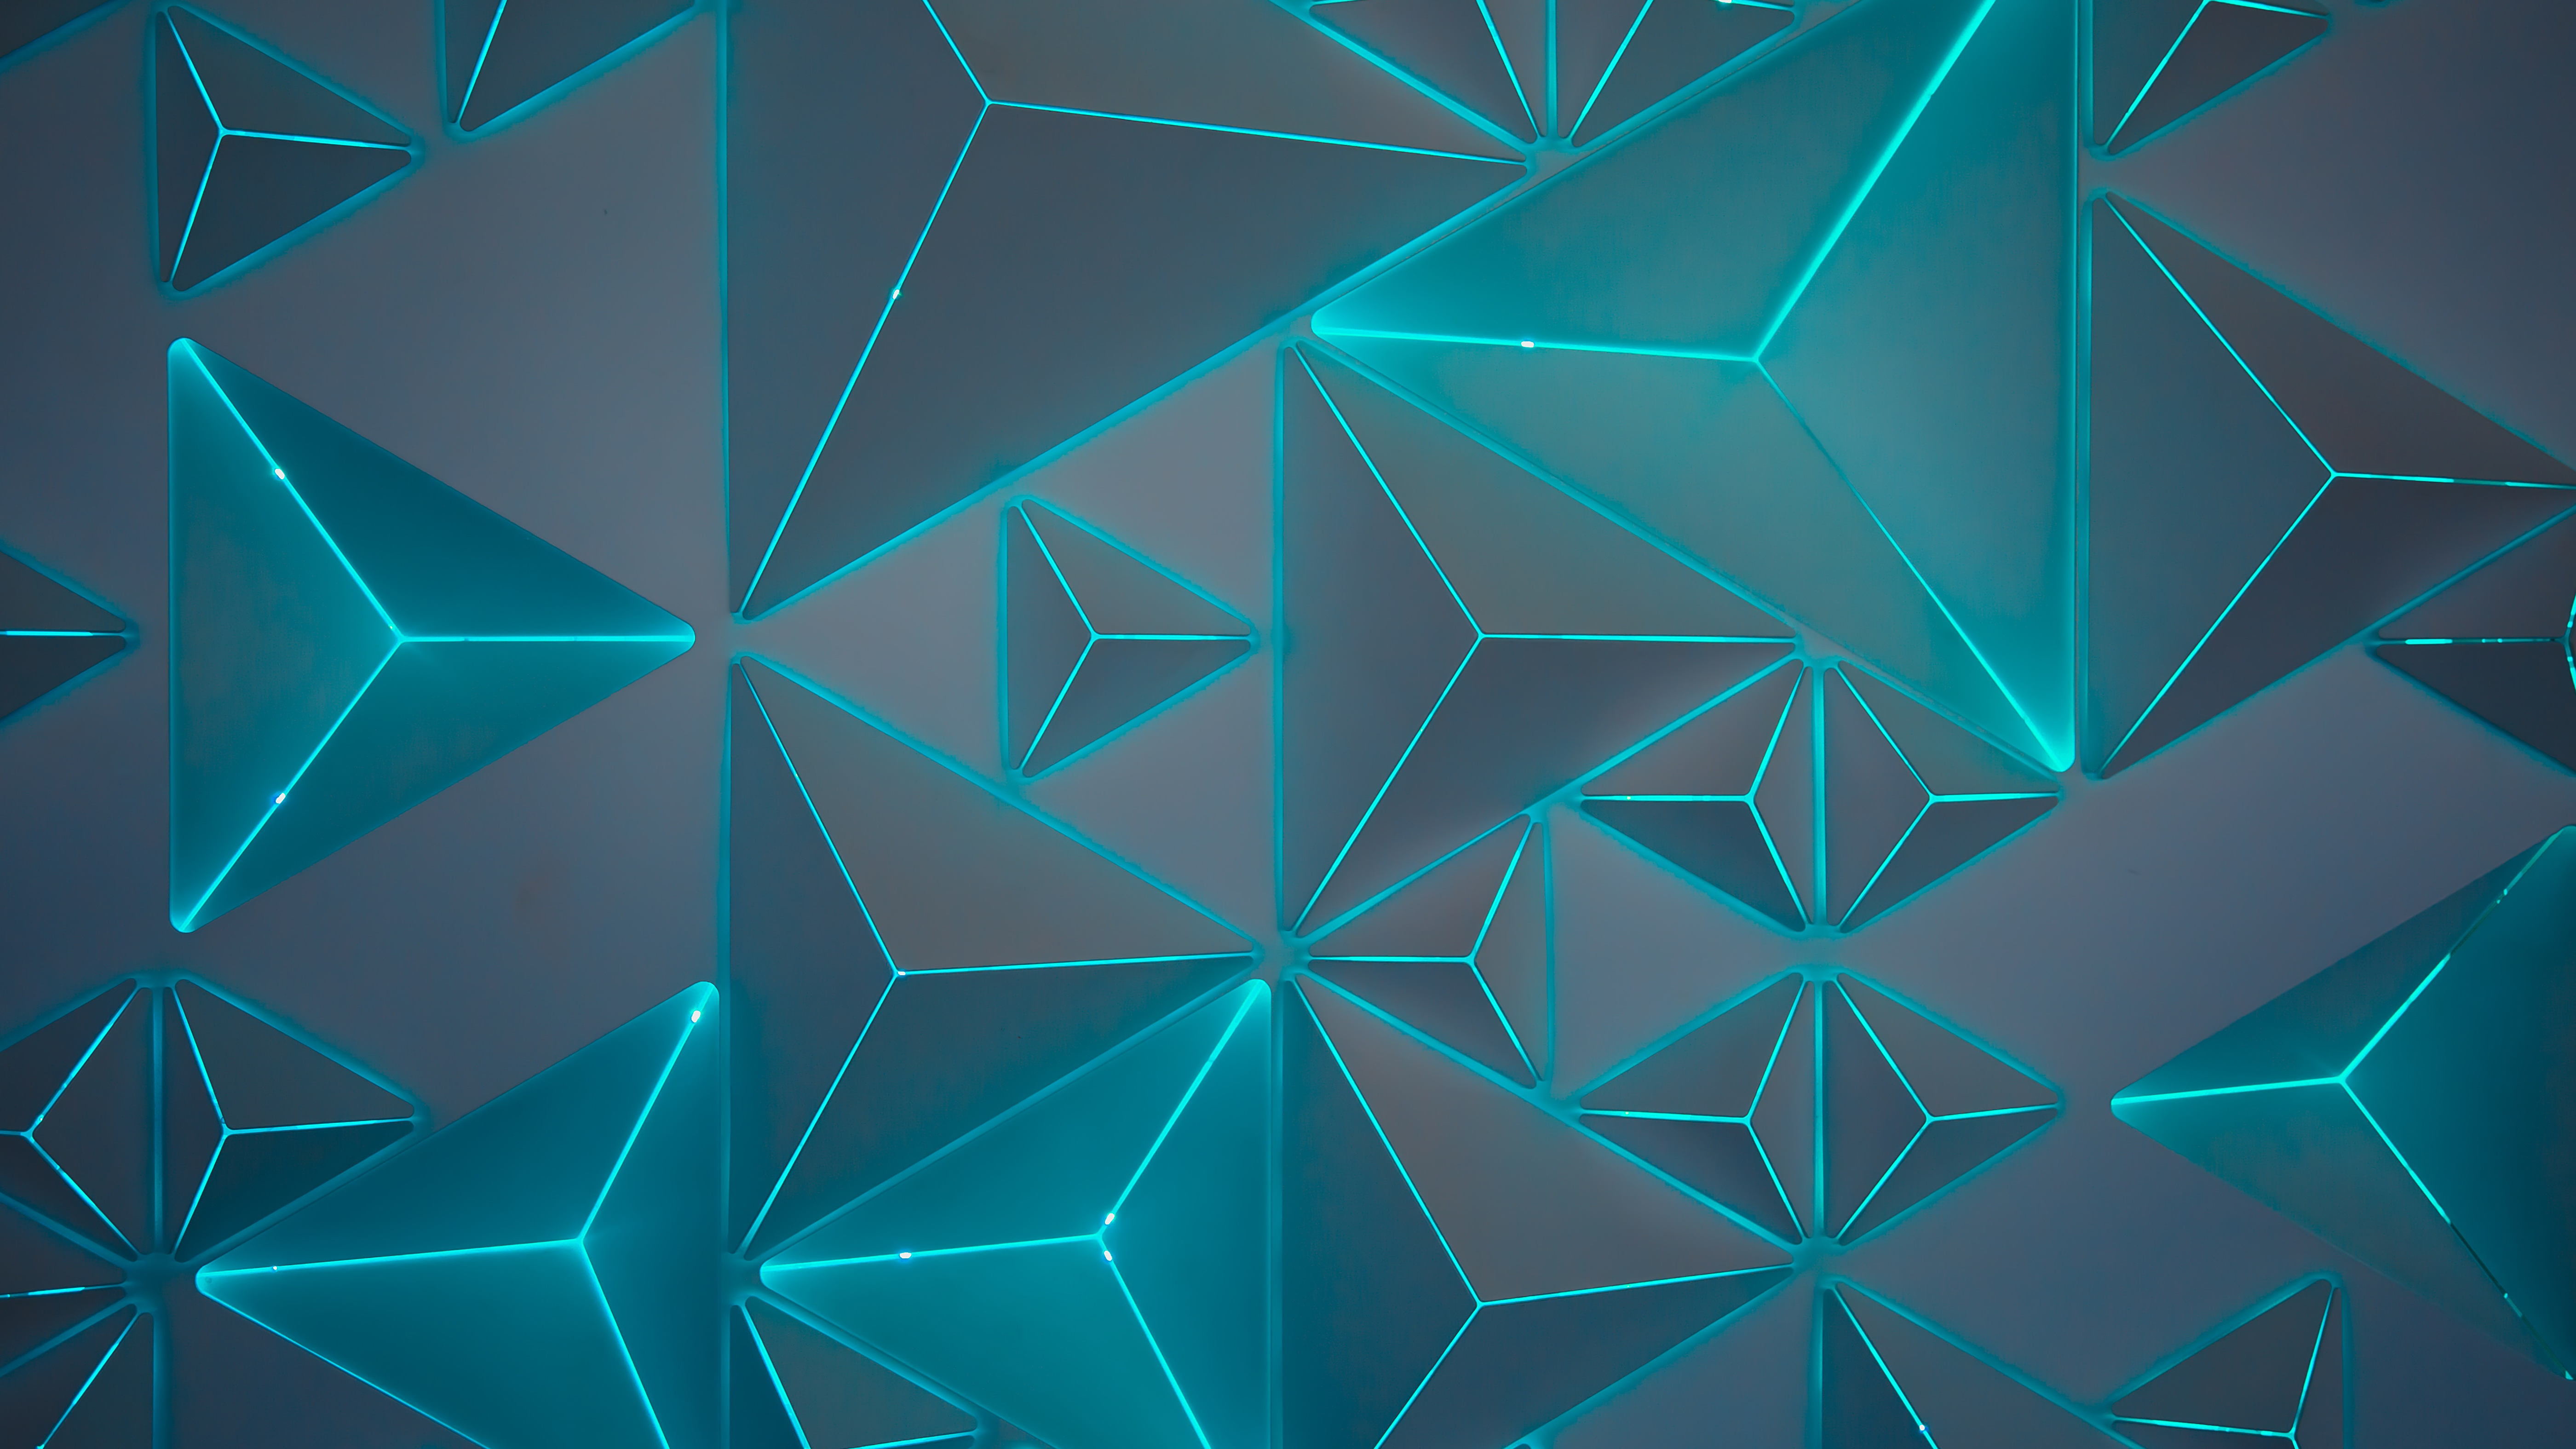 геометрические картинки рабочего стола